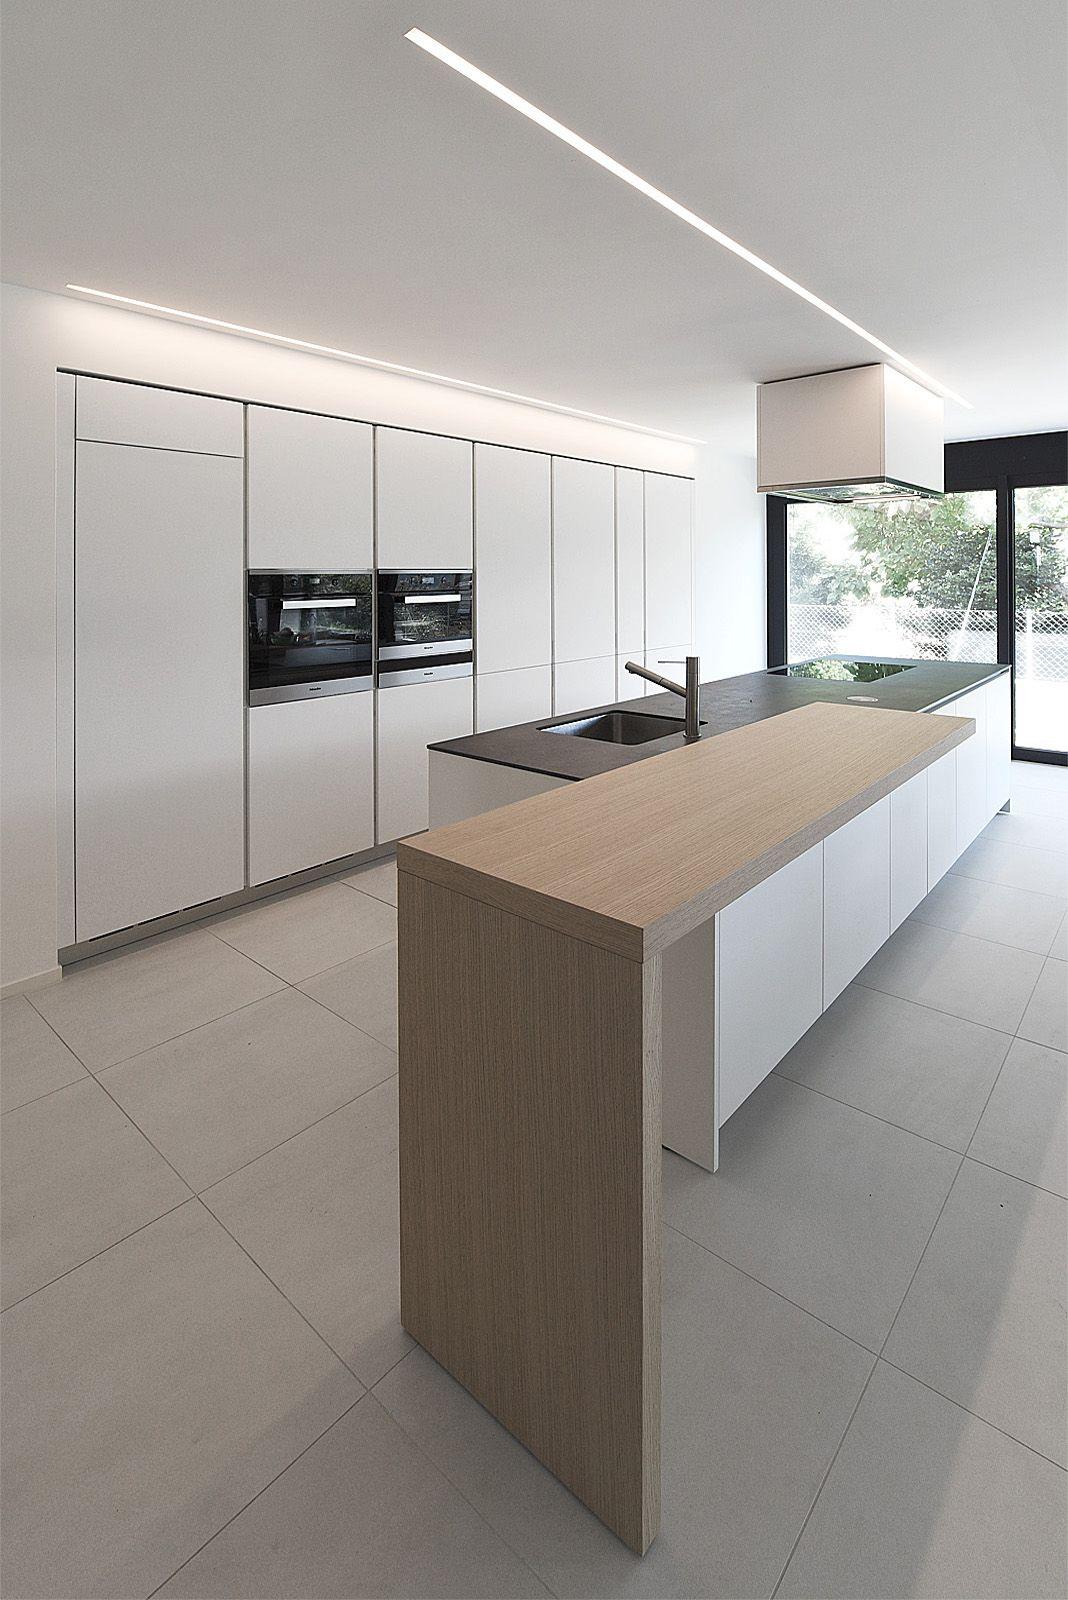 Cucina Varenna Alea Moderna Di Design Con Piano Snack In